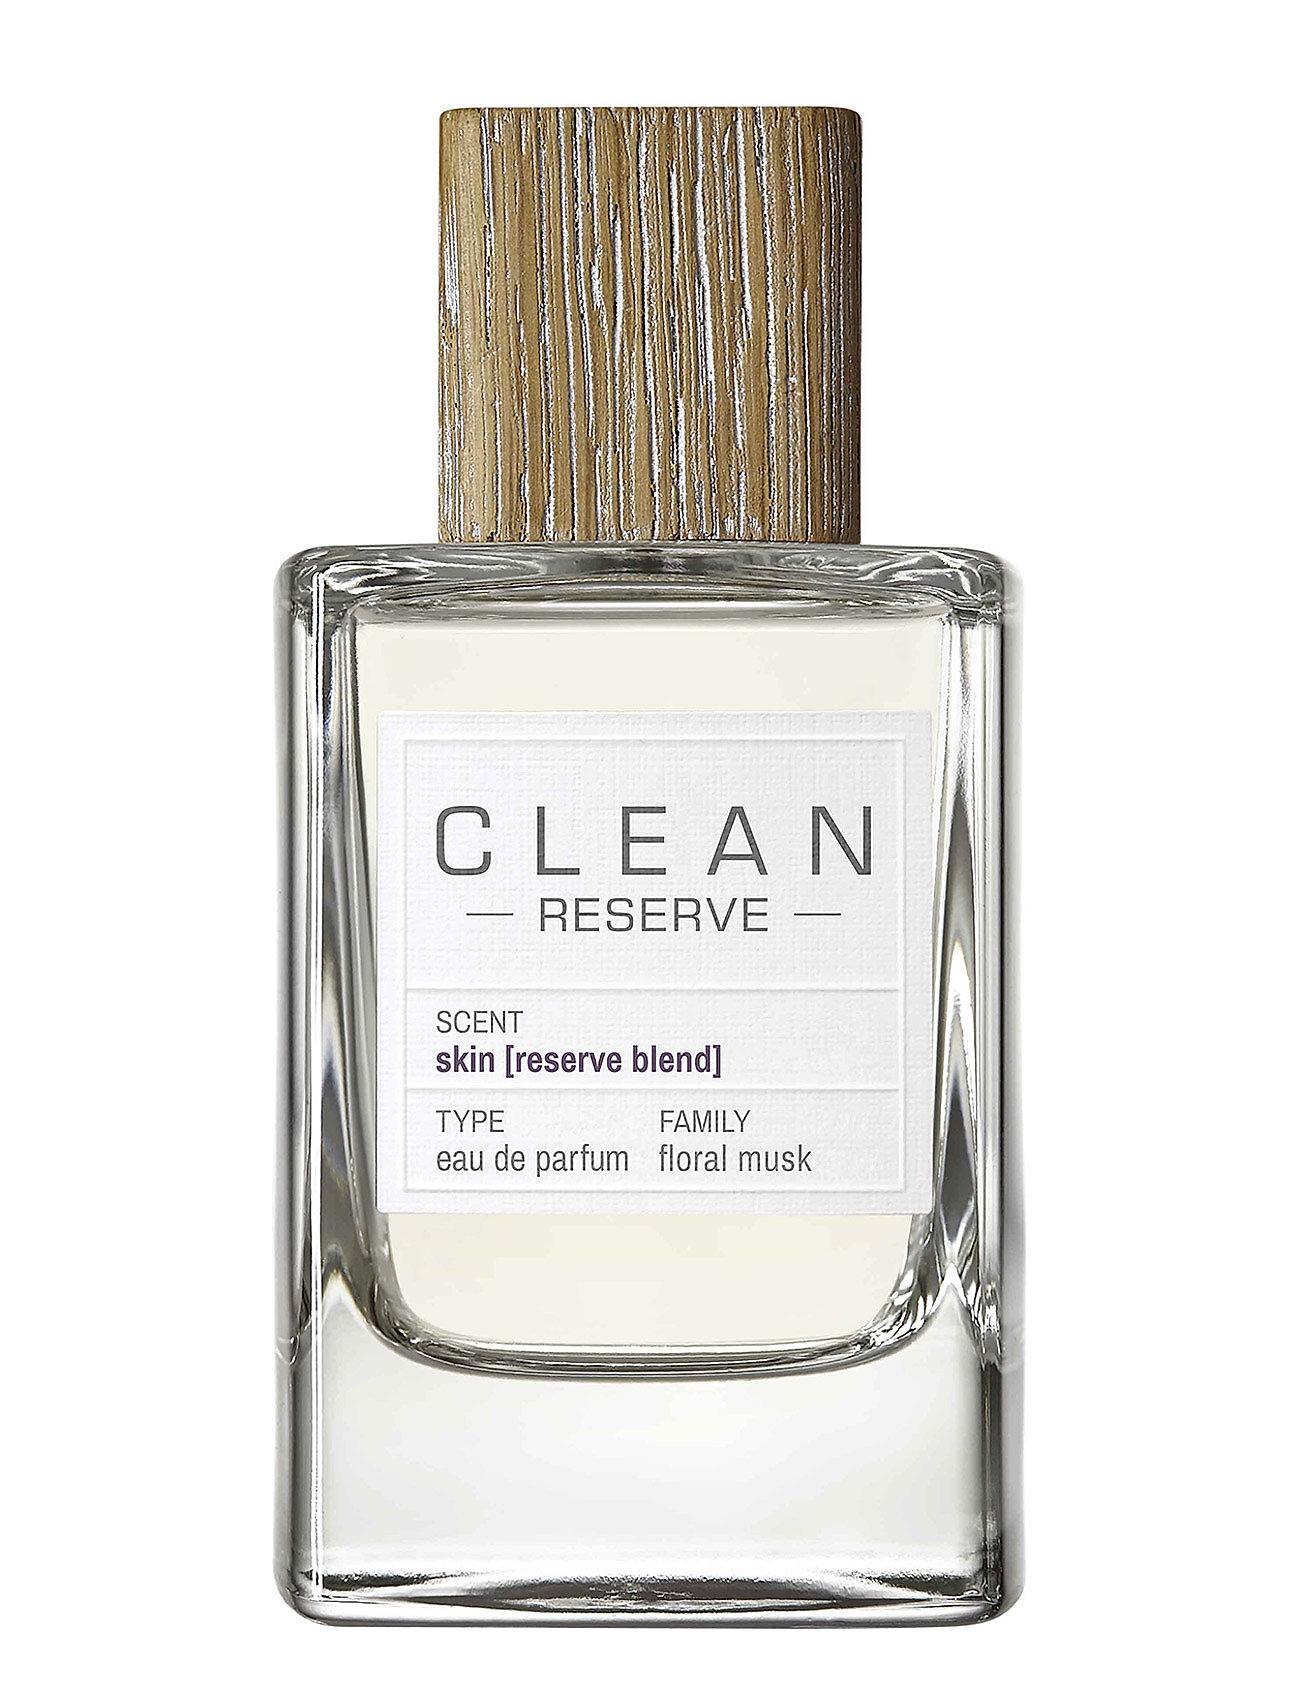 clean reserve – Clean reserve blends skin på boozt.com dk